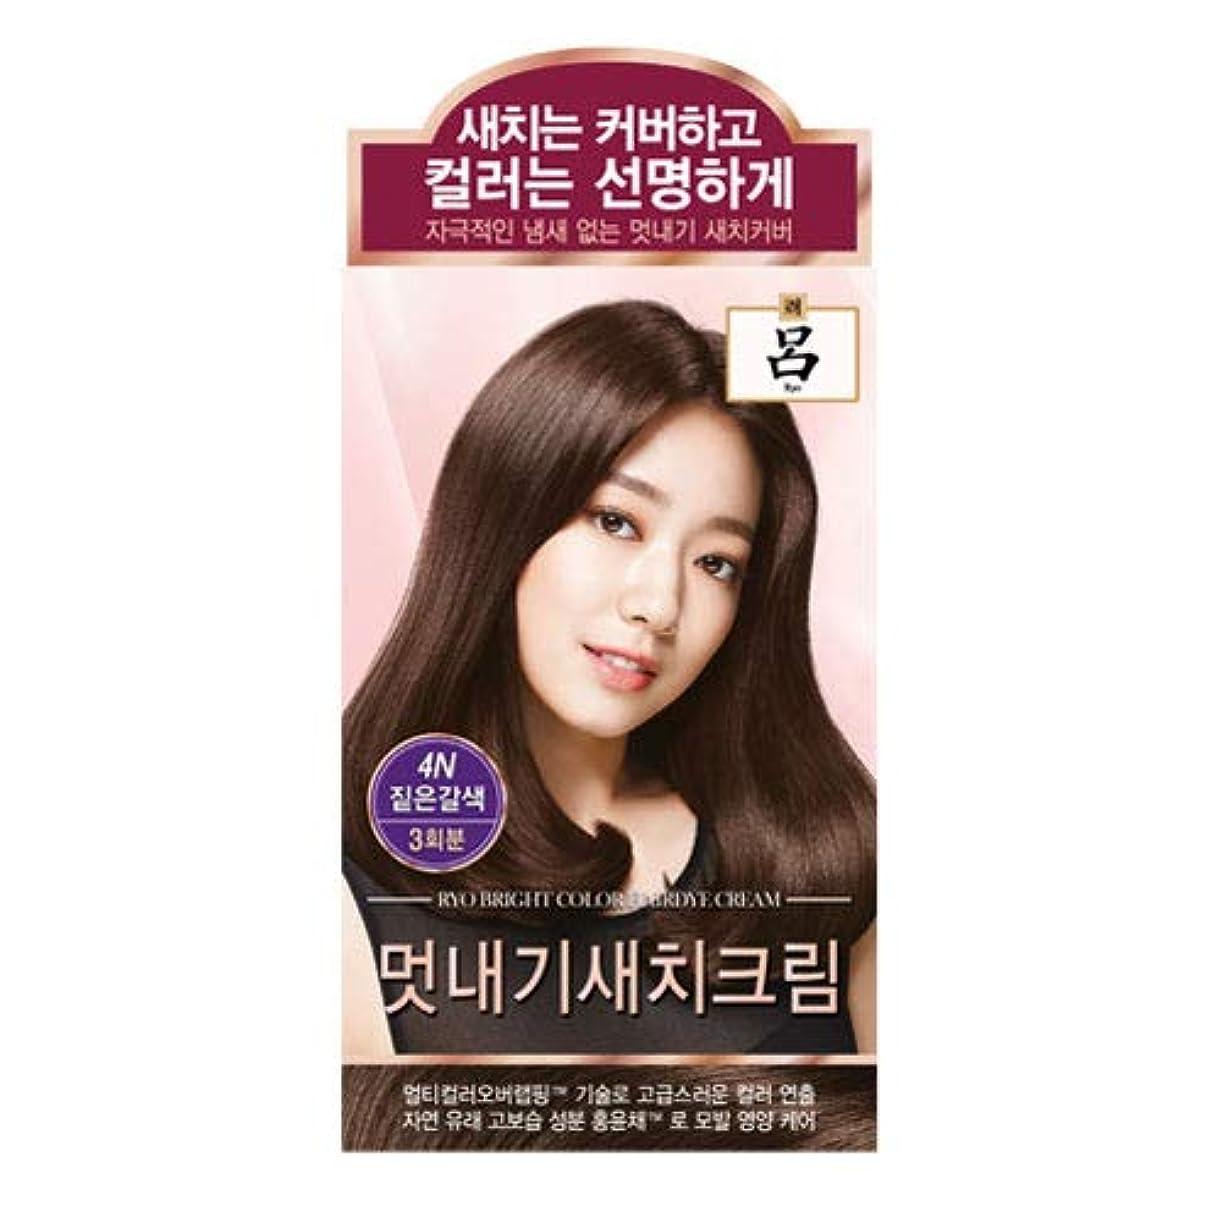 余韻ヨーロッパ貞アモーレパシフィック呂[AMOREPACIFIC/Ryo] ブライトカラーヘアアイクリーム 4N ディープブラウン/Bright Color Hairdye Cream 4N Deep Brown